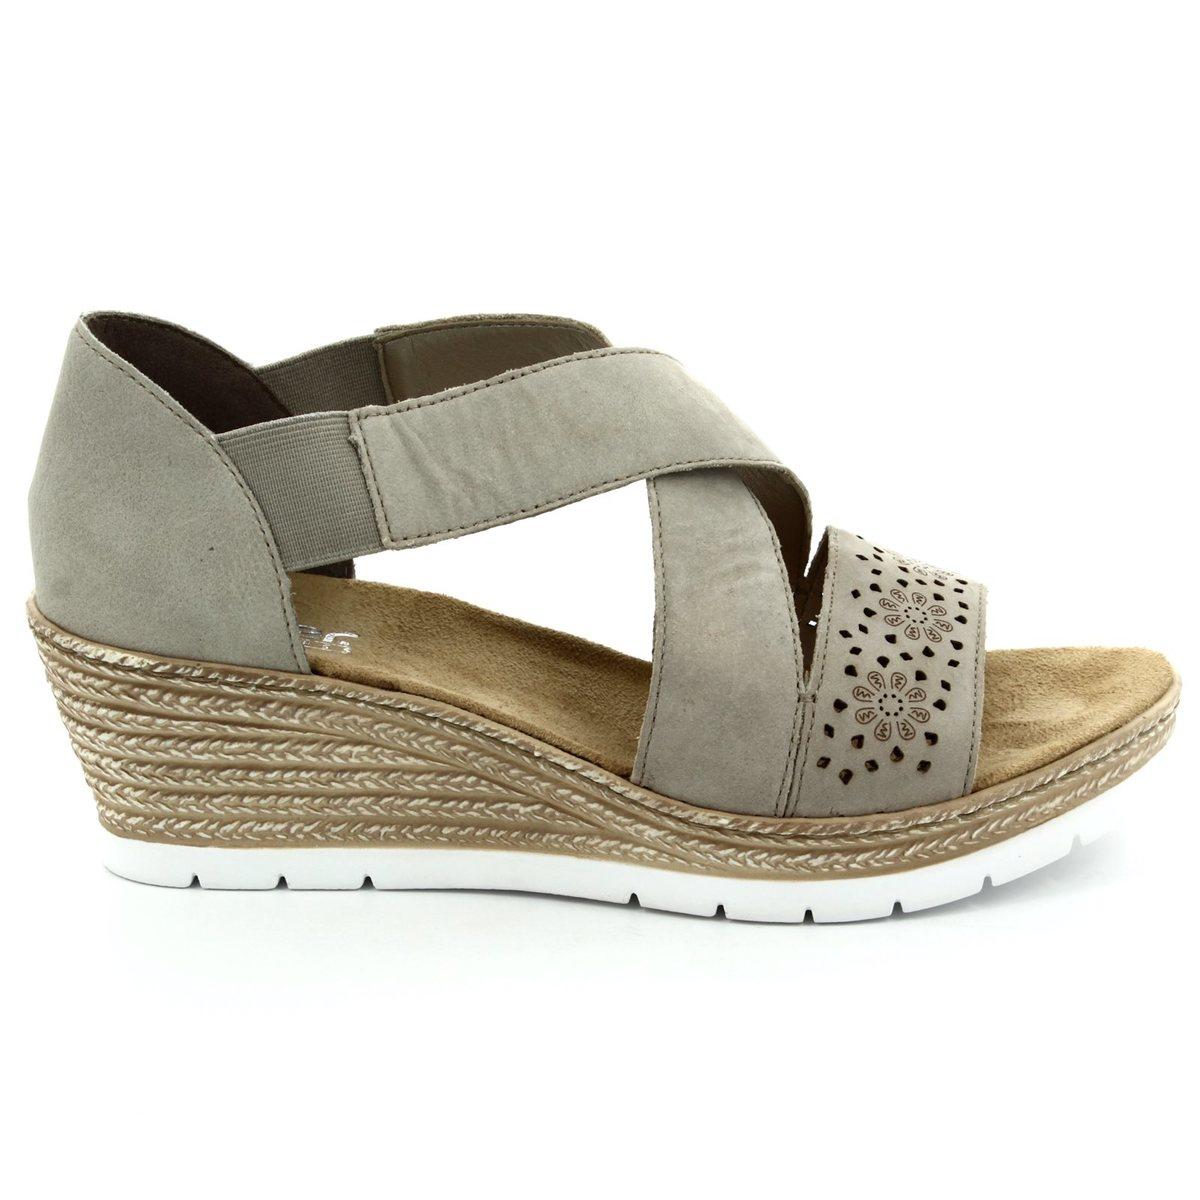 rieker 61976 42 beige sandals. Black Bedroom Furniture Sets. Home Design Ideas